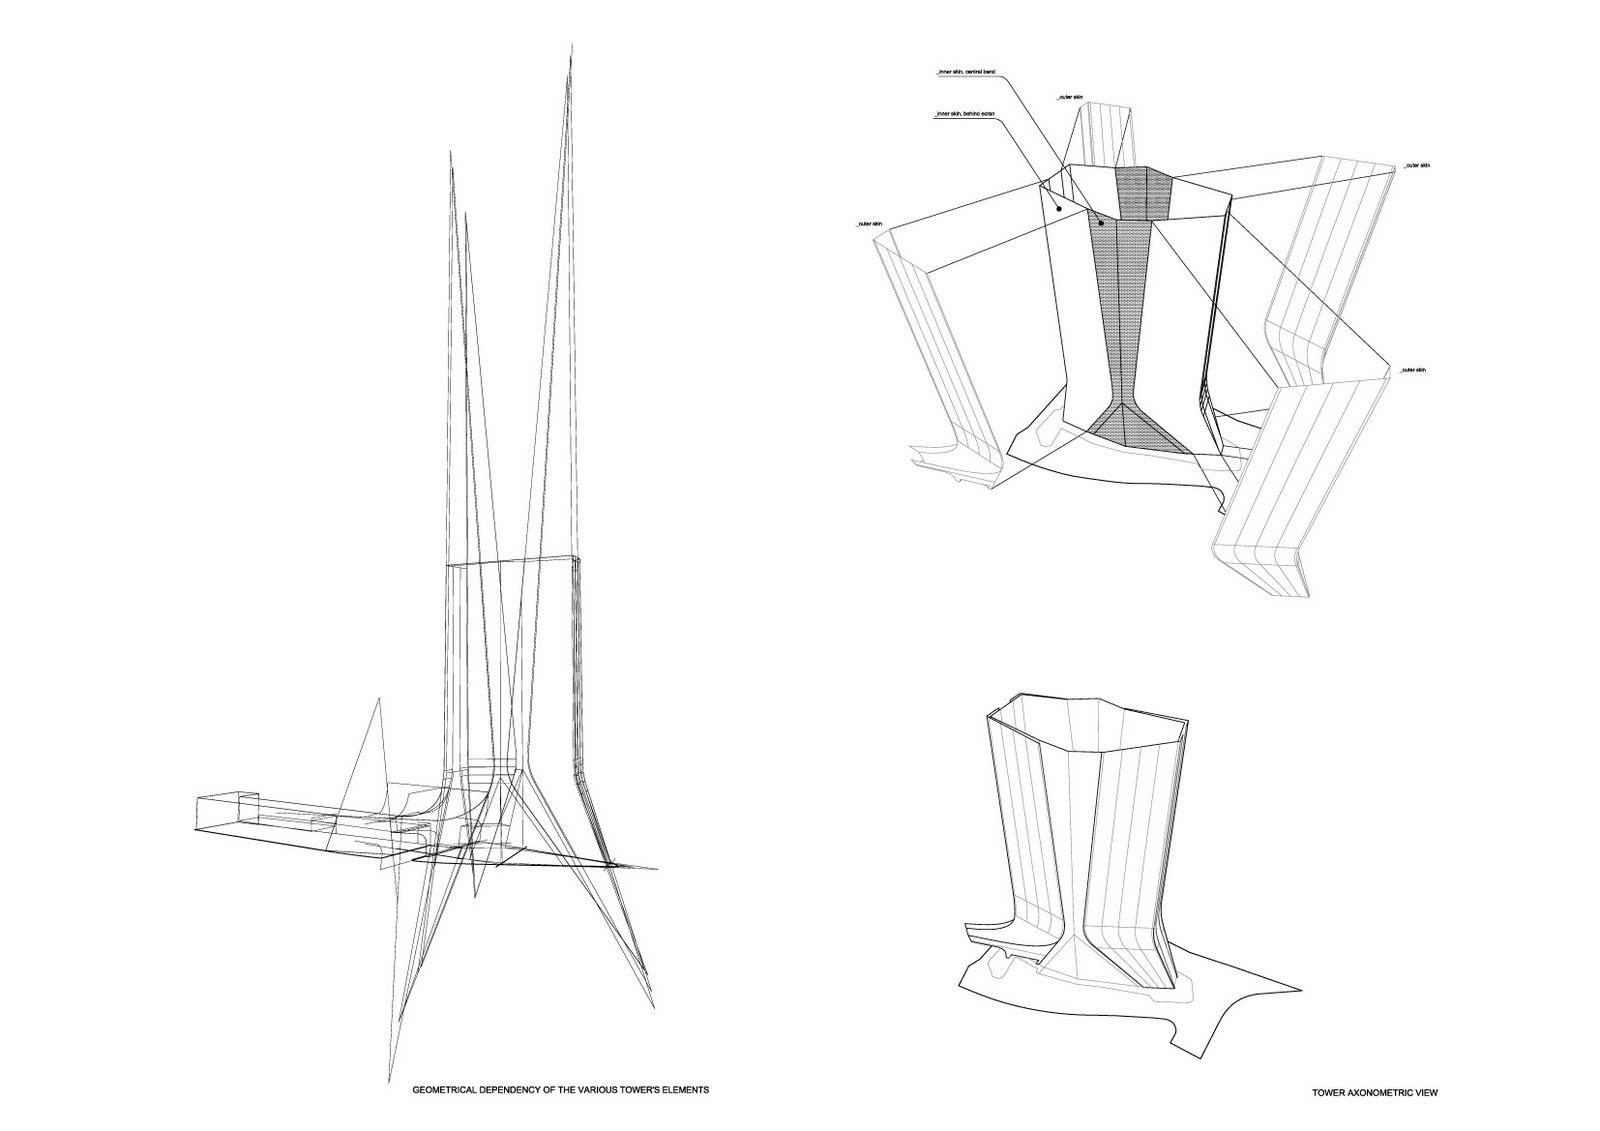 Cma Cgm Headquarters By Zaha Hadid Architects Housevariety